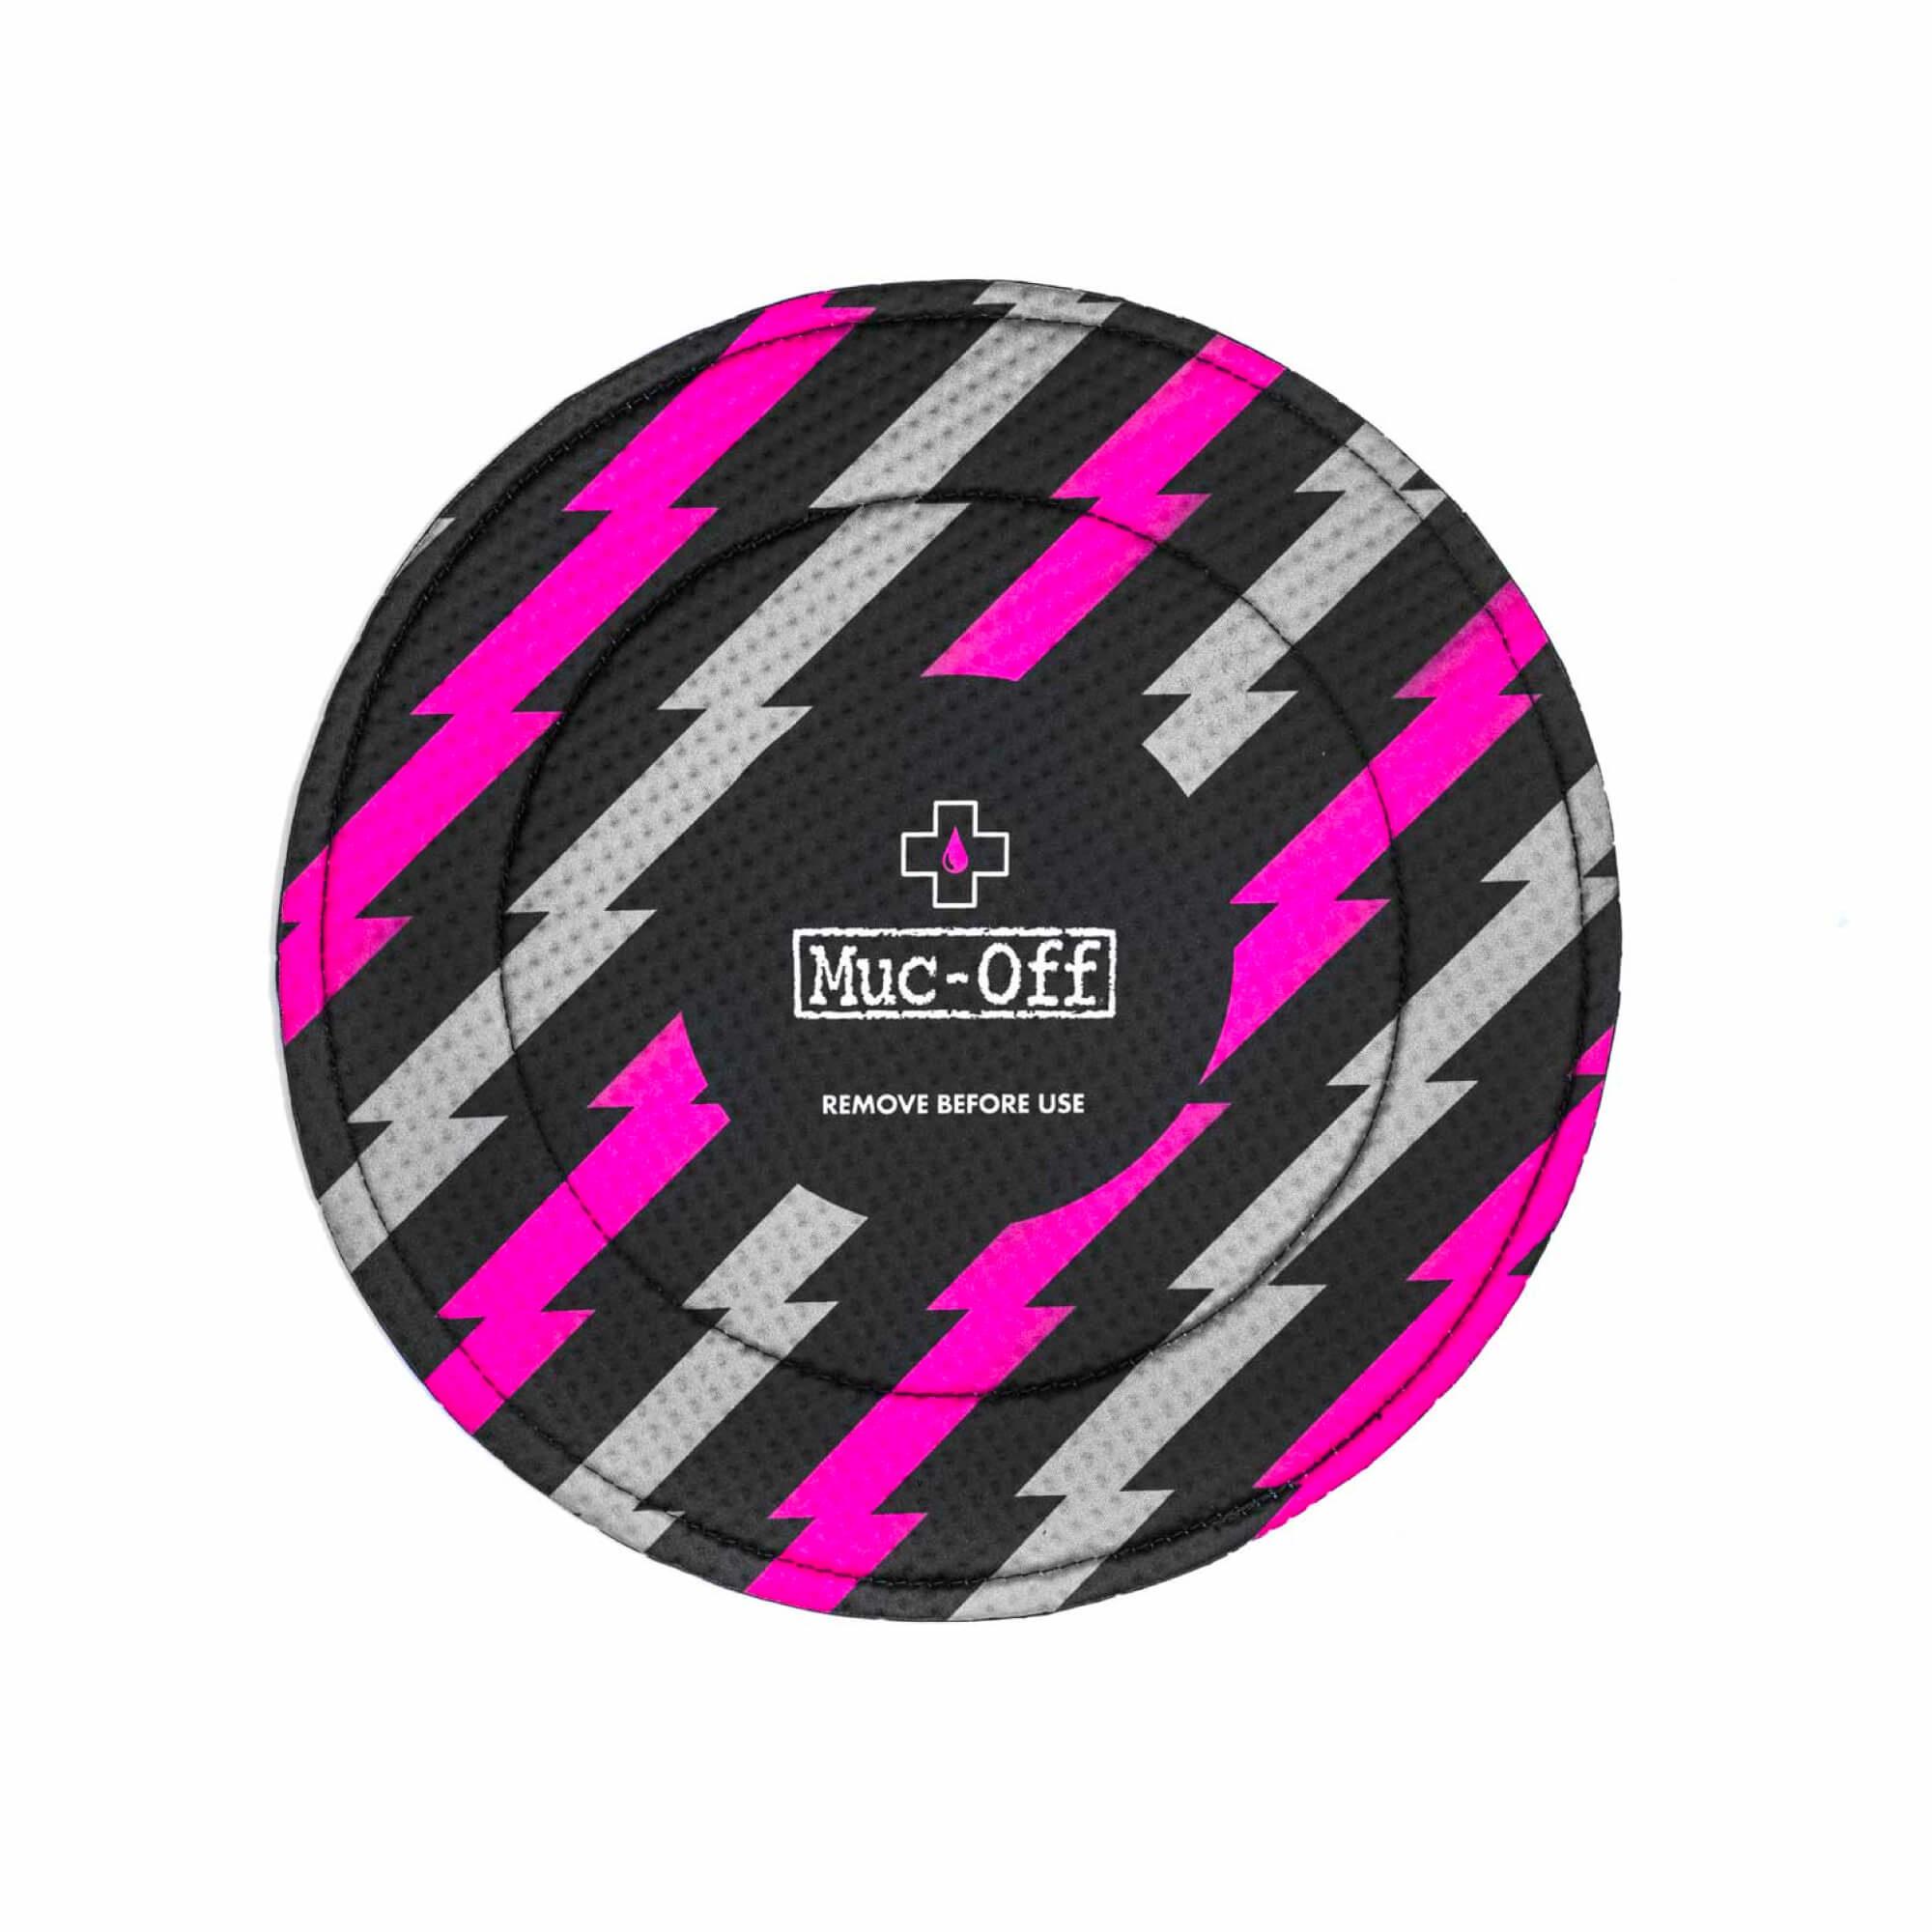 Disc Brake Covers Pair-2